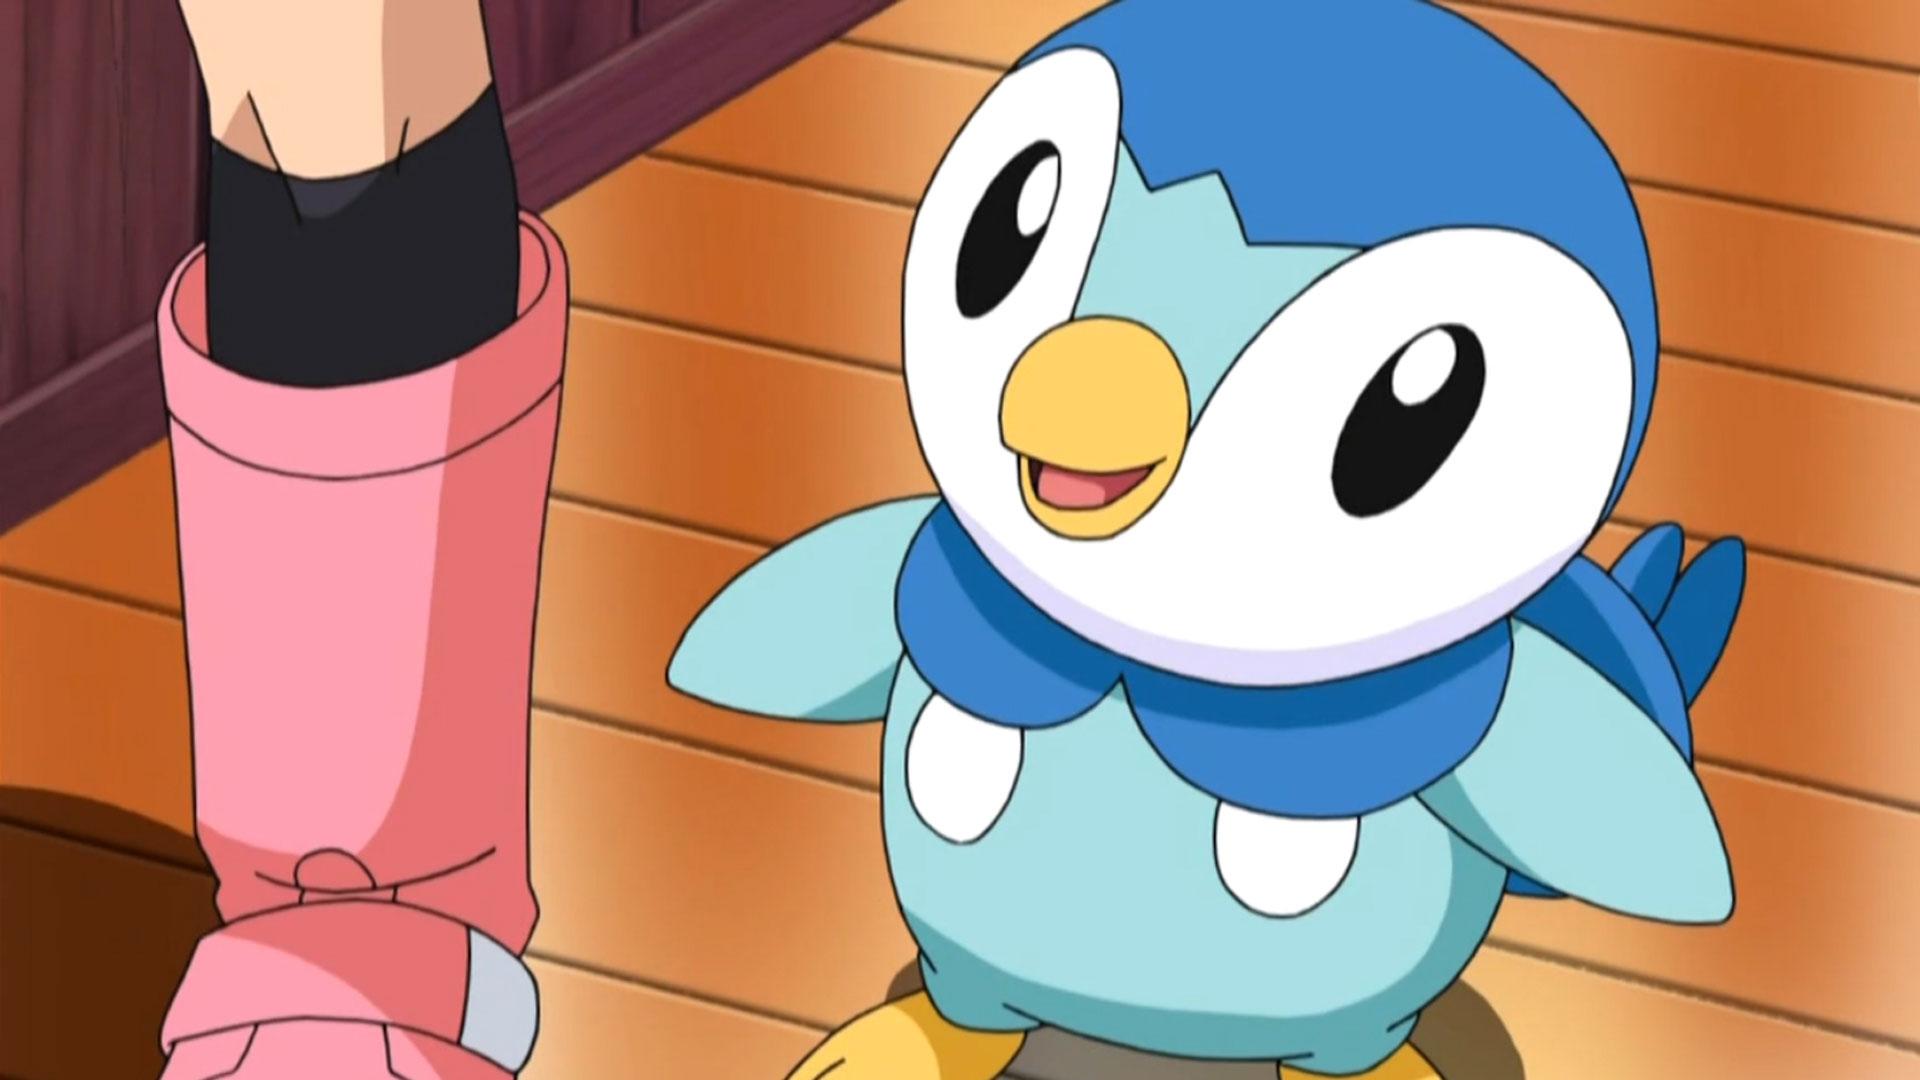 Pokémon the Series: Diamond and Pearl - Season 1004